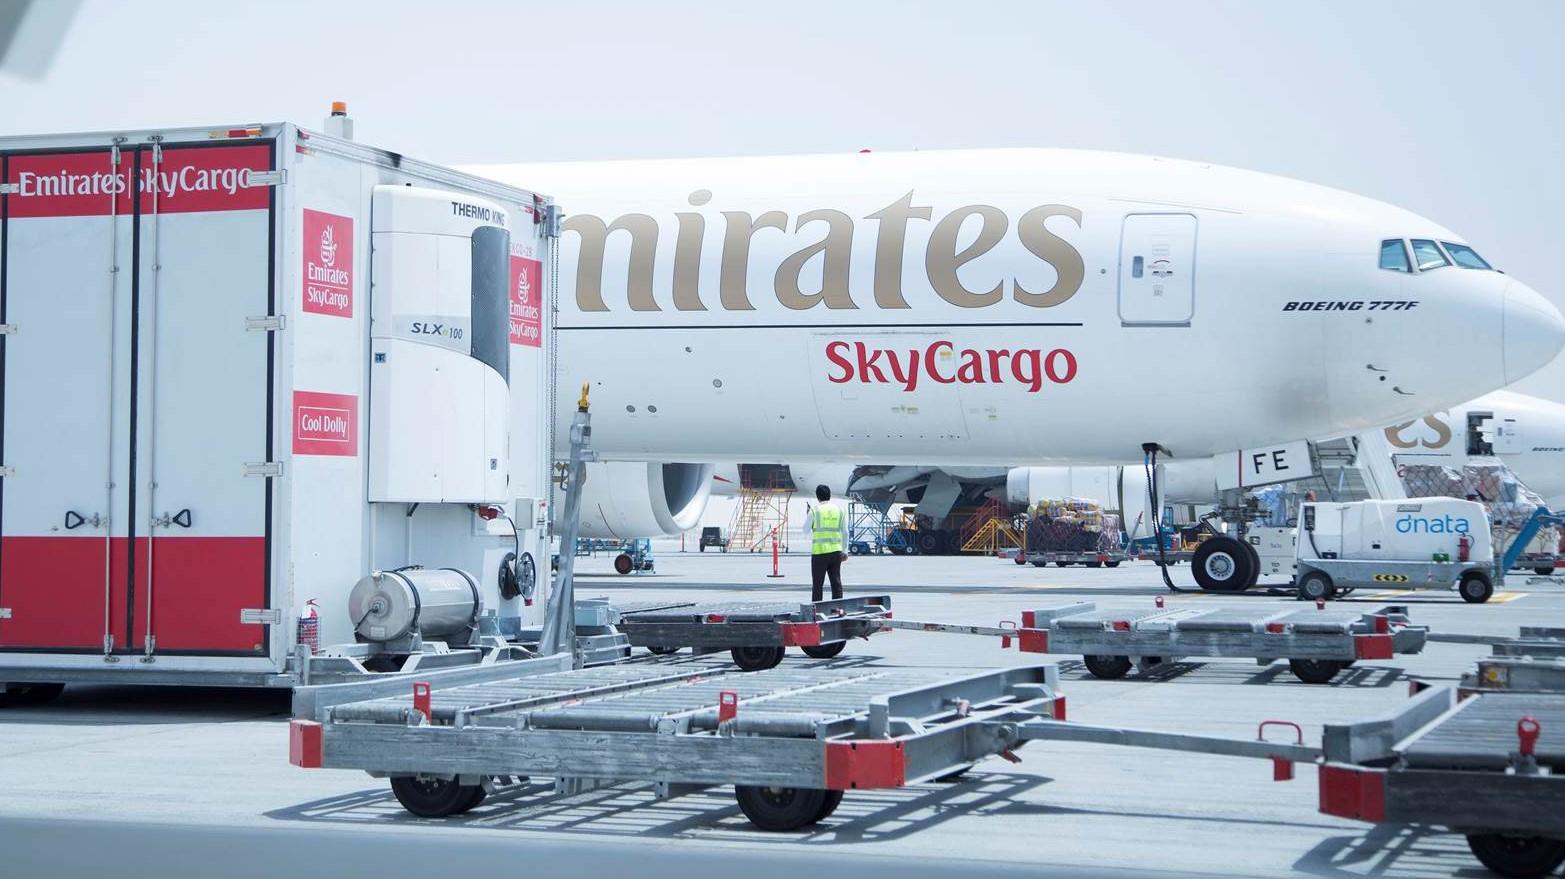 Emirates SkyCargo carries 2.6 million ton cargo in 2018